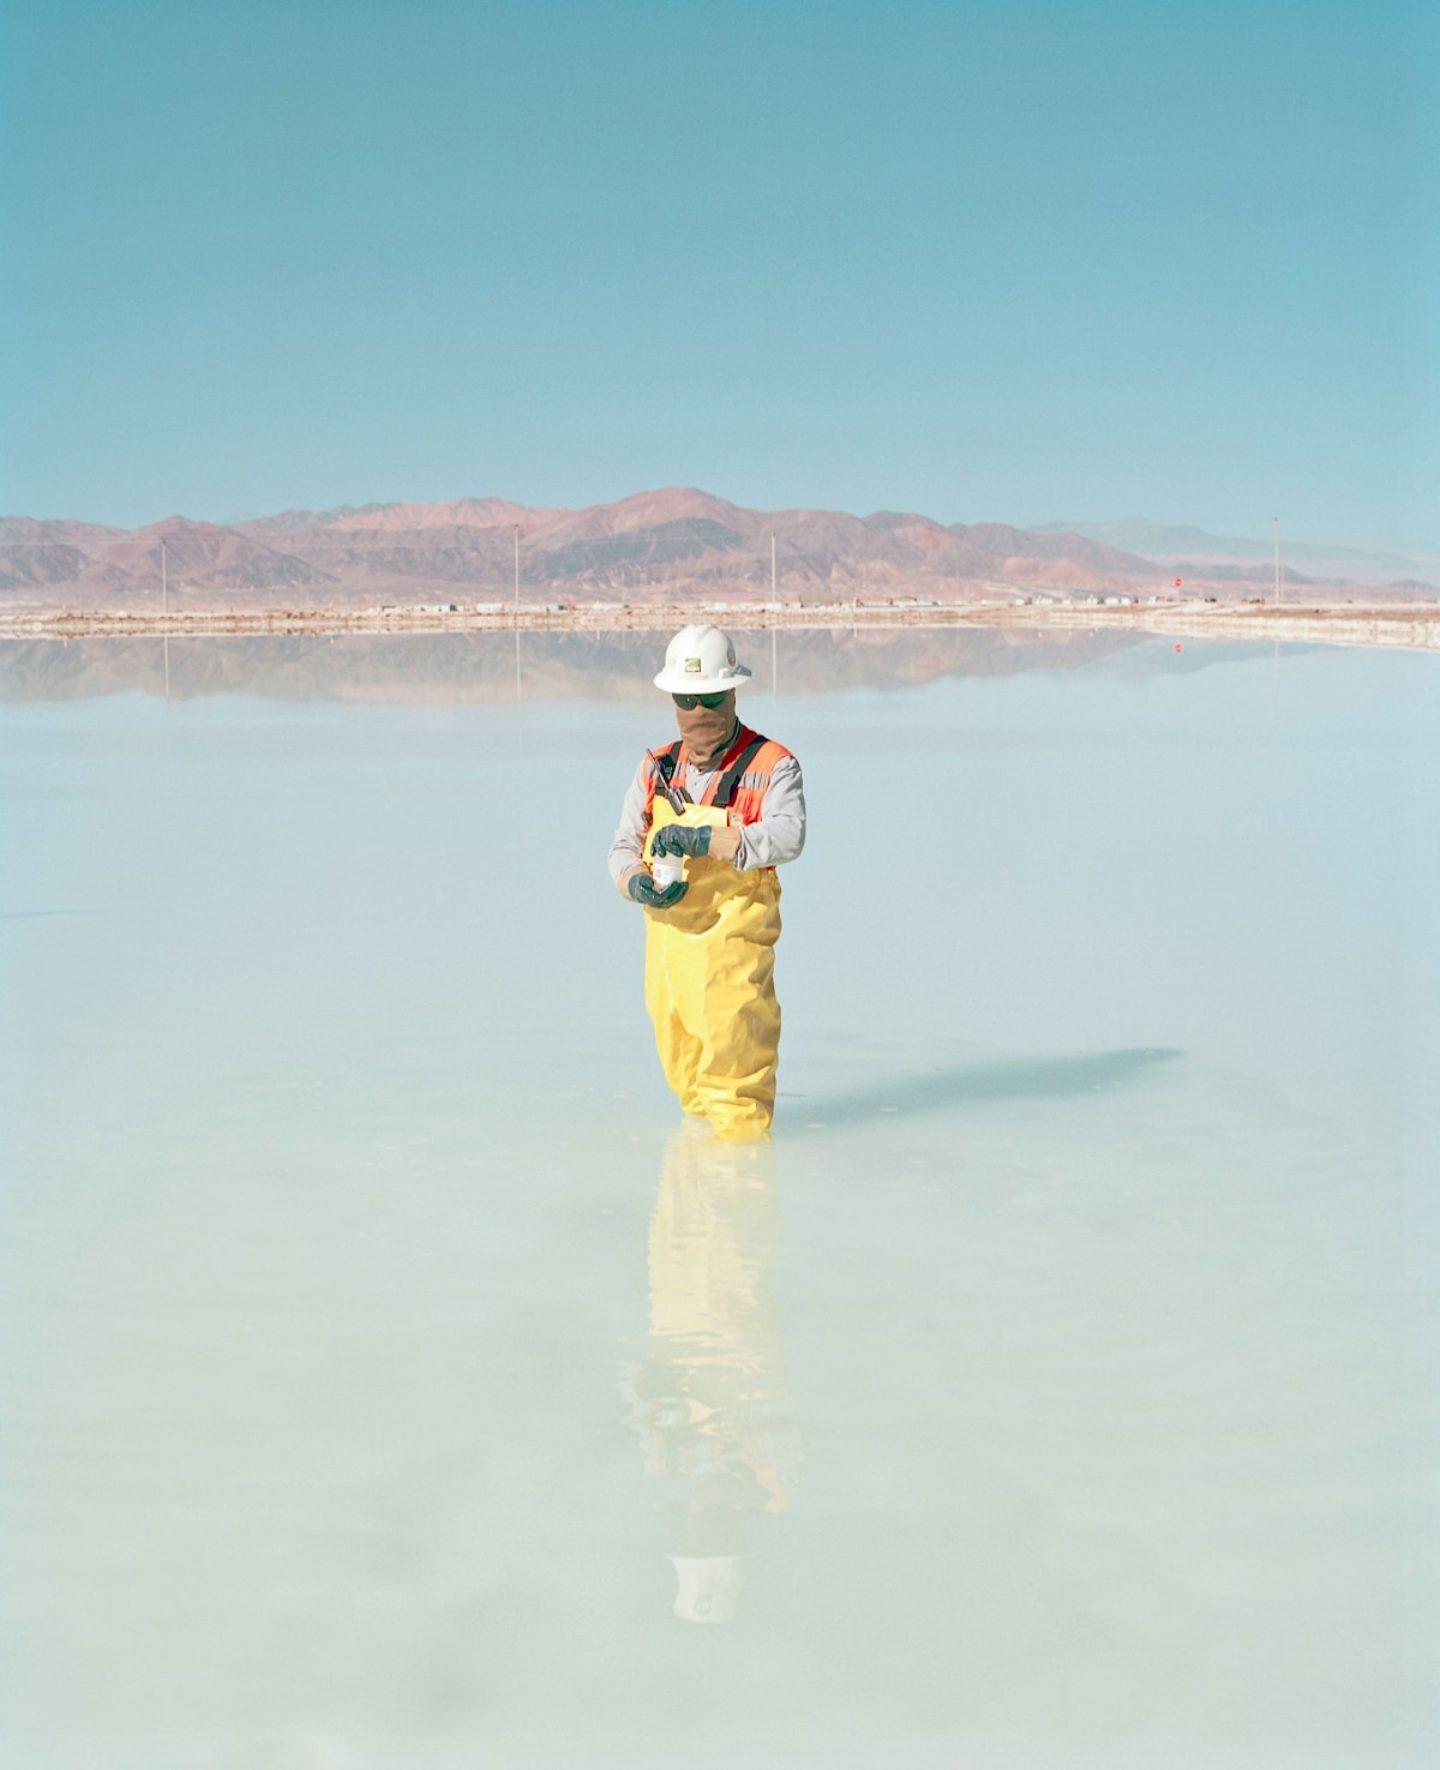 IGNANT-Photography-Catherine-Hyland-Atacama-009